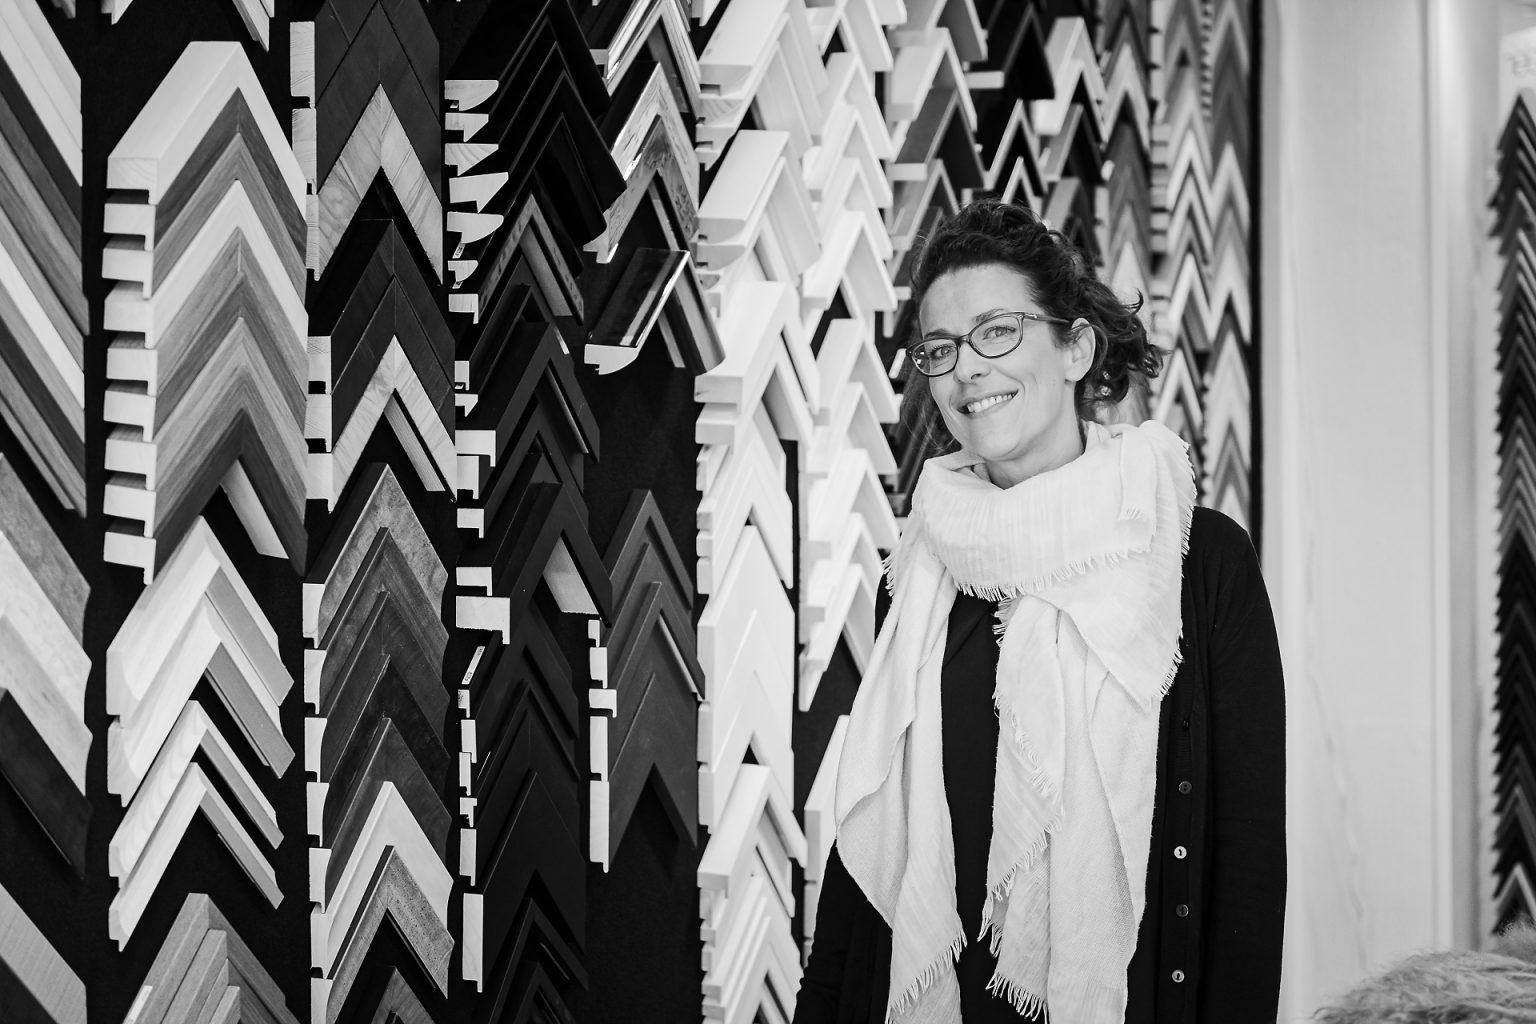 """Portrait d'Elodie Delsoir, Des Cadres et  de l'Art par Aurore Delsoir photographe. Projet """"Ce(ux) qui m'entoure(nt)"""", noir et blanc, lumière naturelle"""